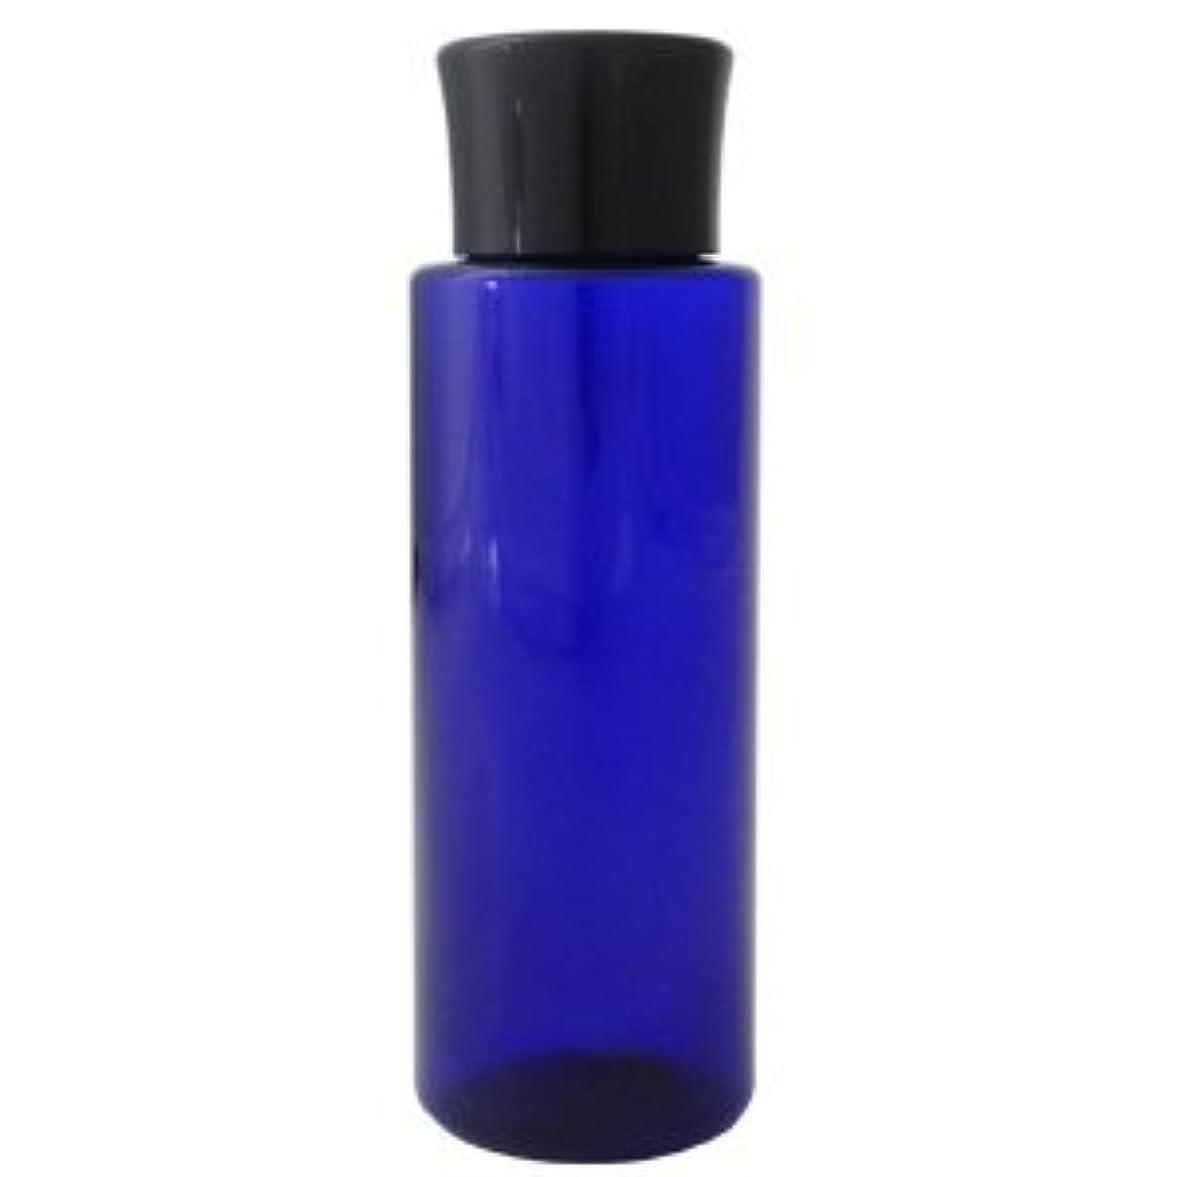 ペイントレオナルドダ満了PETボトル コバルトブルー 青 100ml 化粧水用中栓